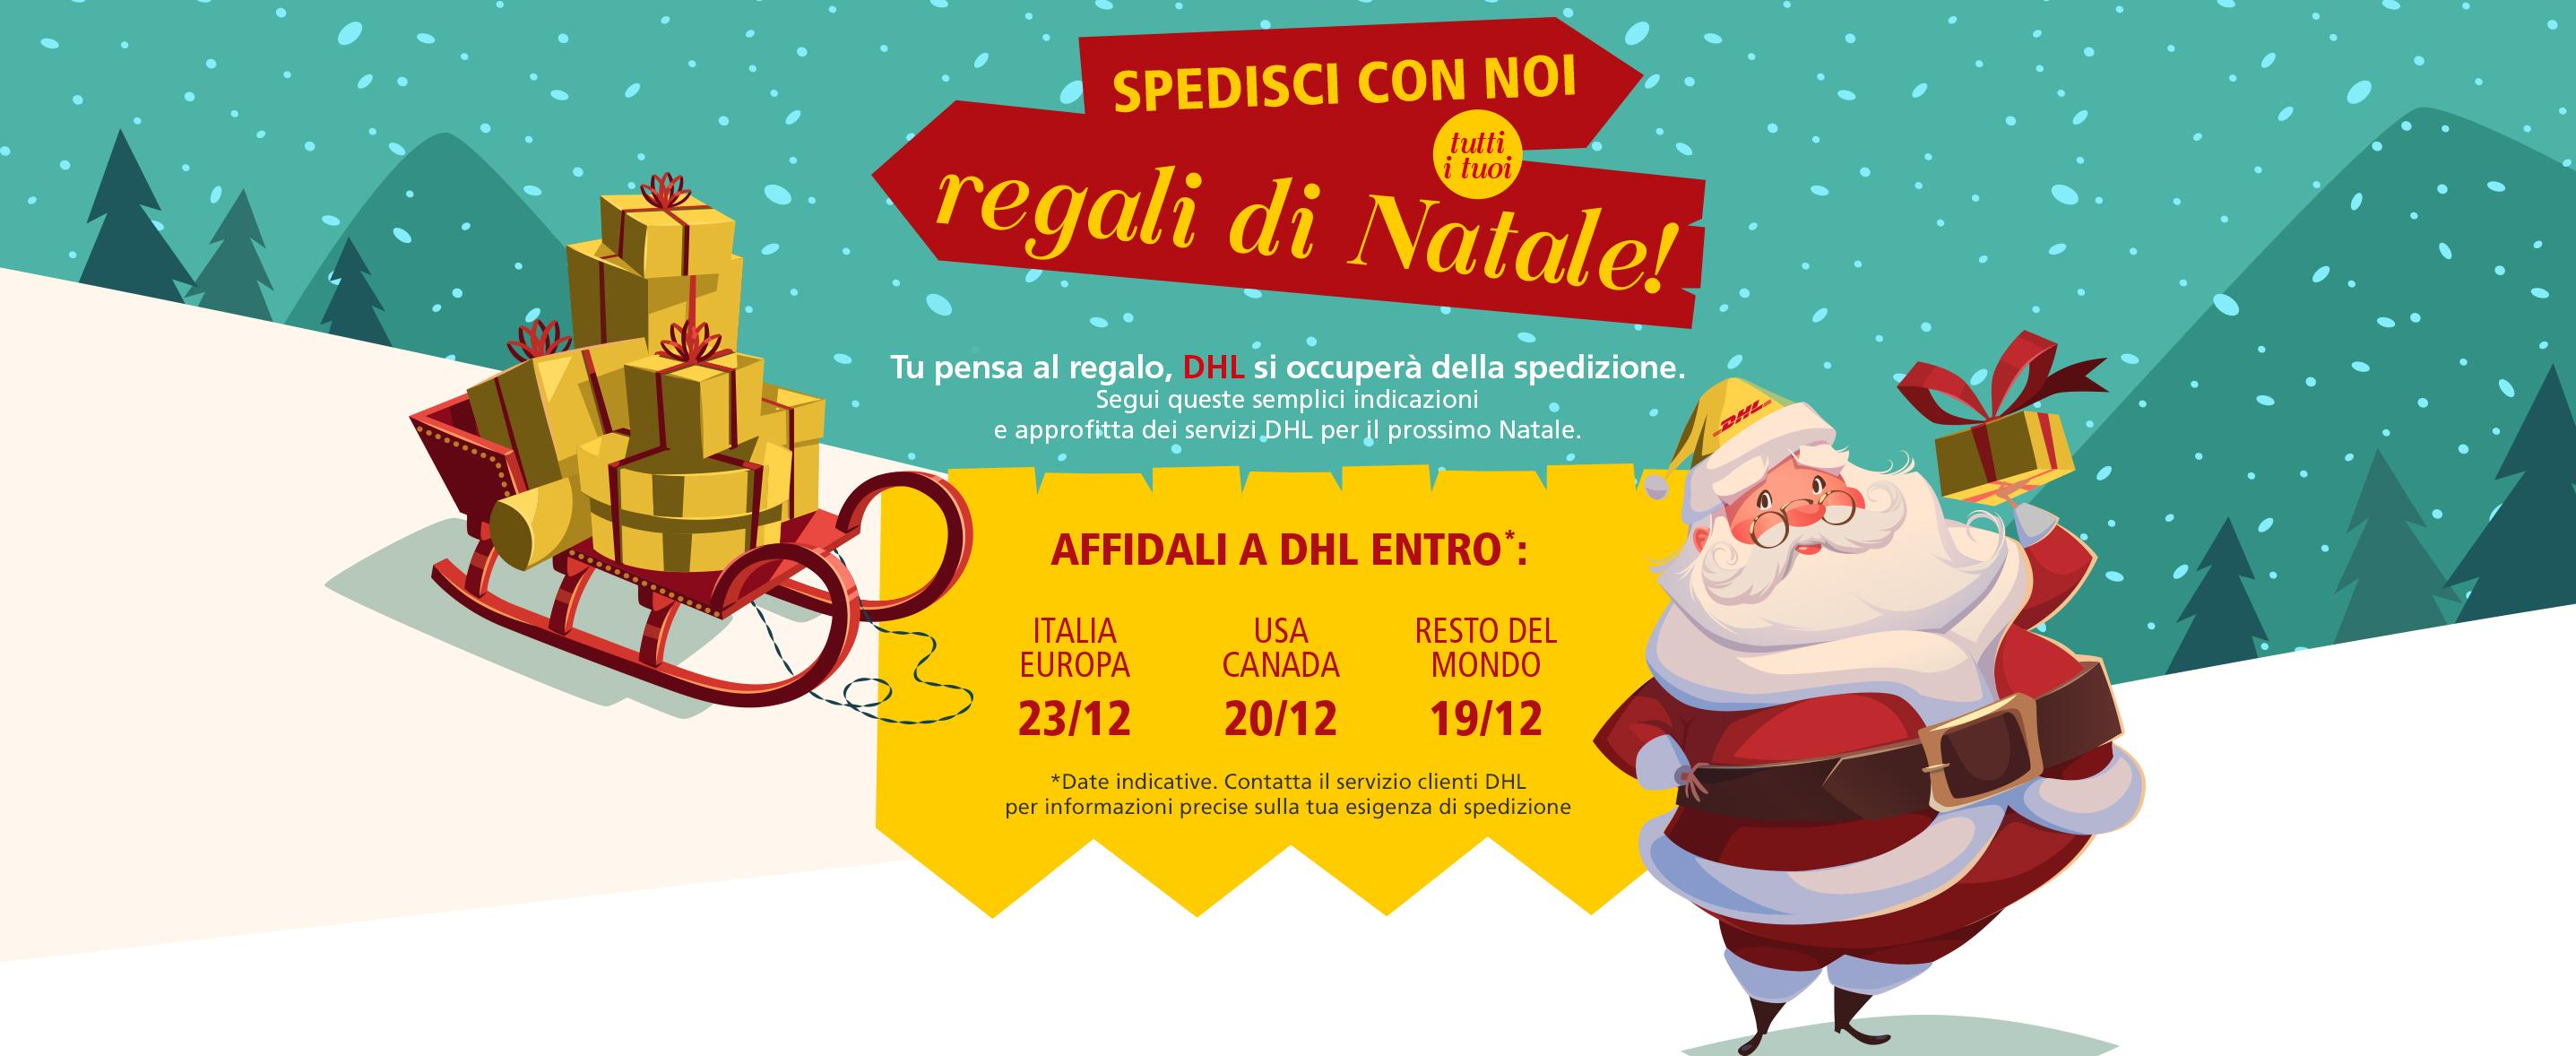 Spedisci con noi tutti i tuoi regali di Natale!